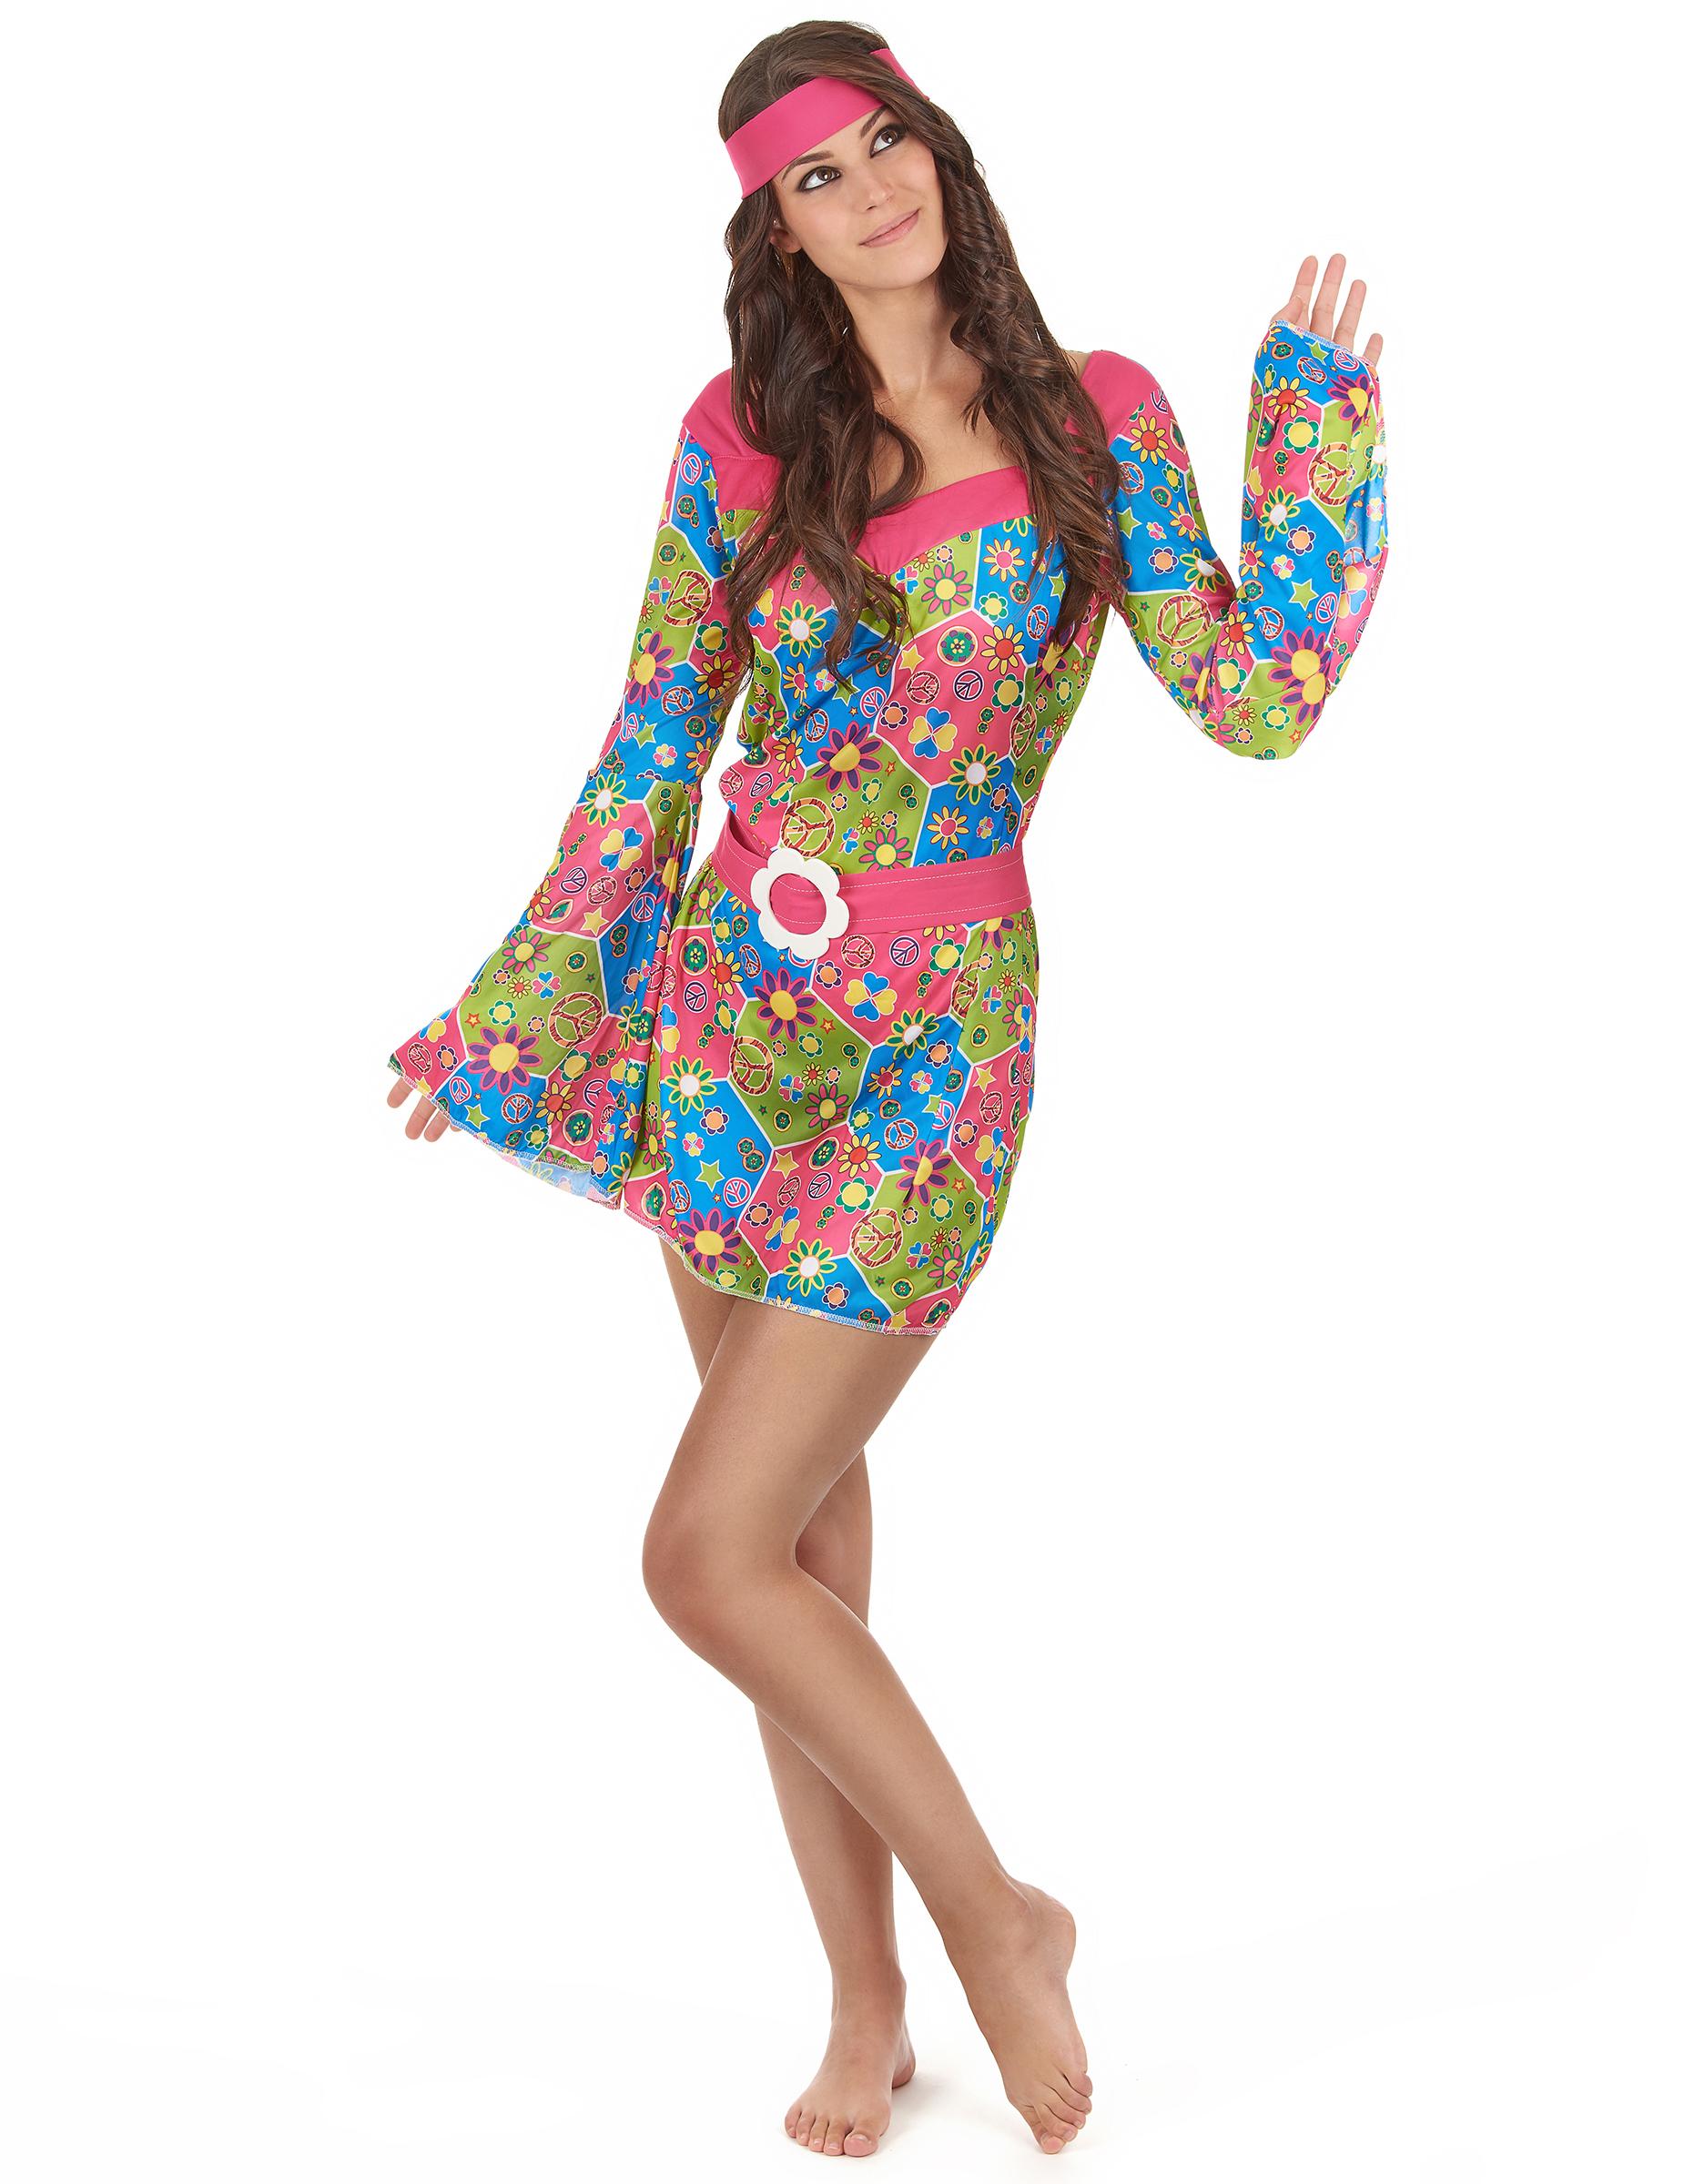 disfraz de flores hippie disfraces adultos y disfraces originales baratos vegaoo. Black Bedroom Furniture Sets. Home Design Ideas